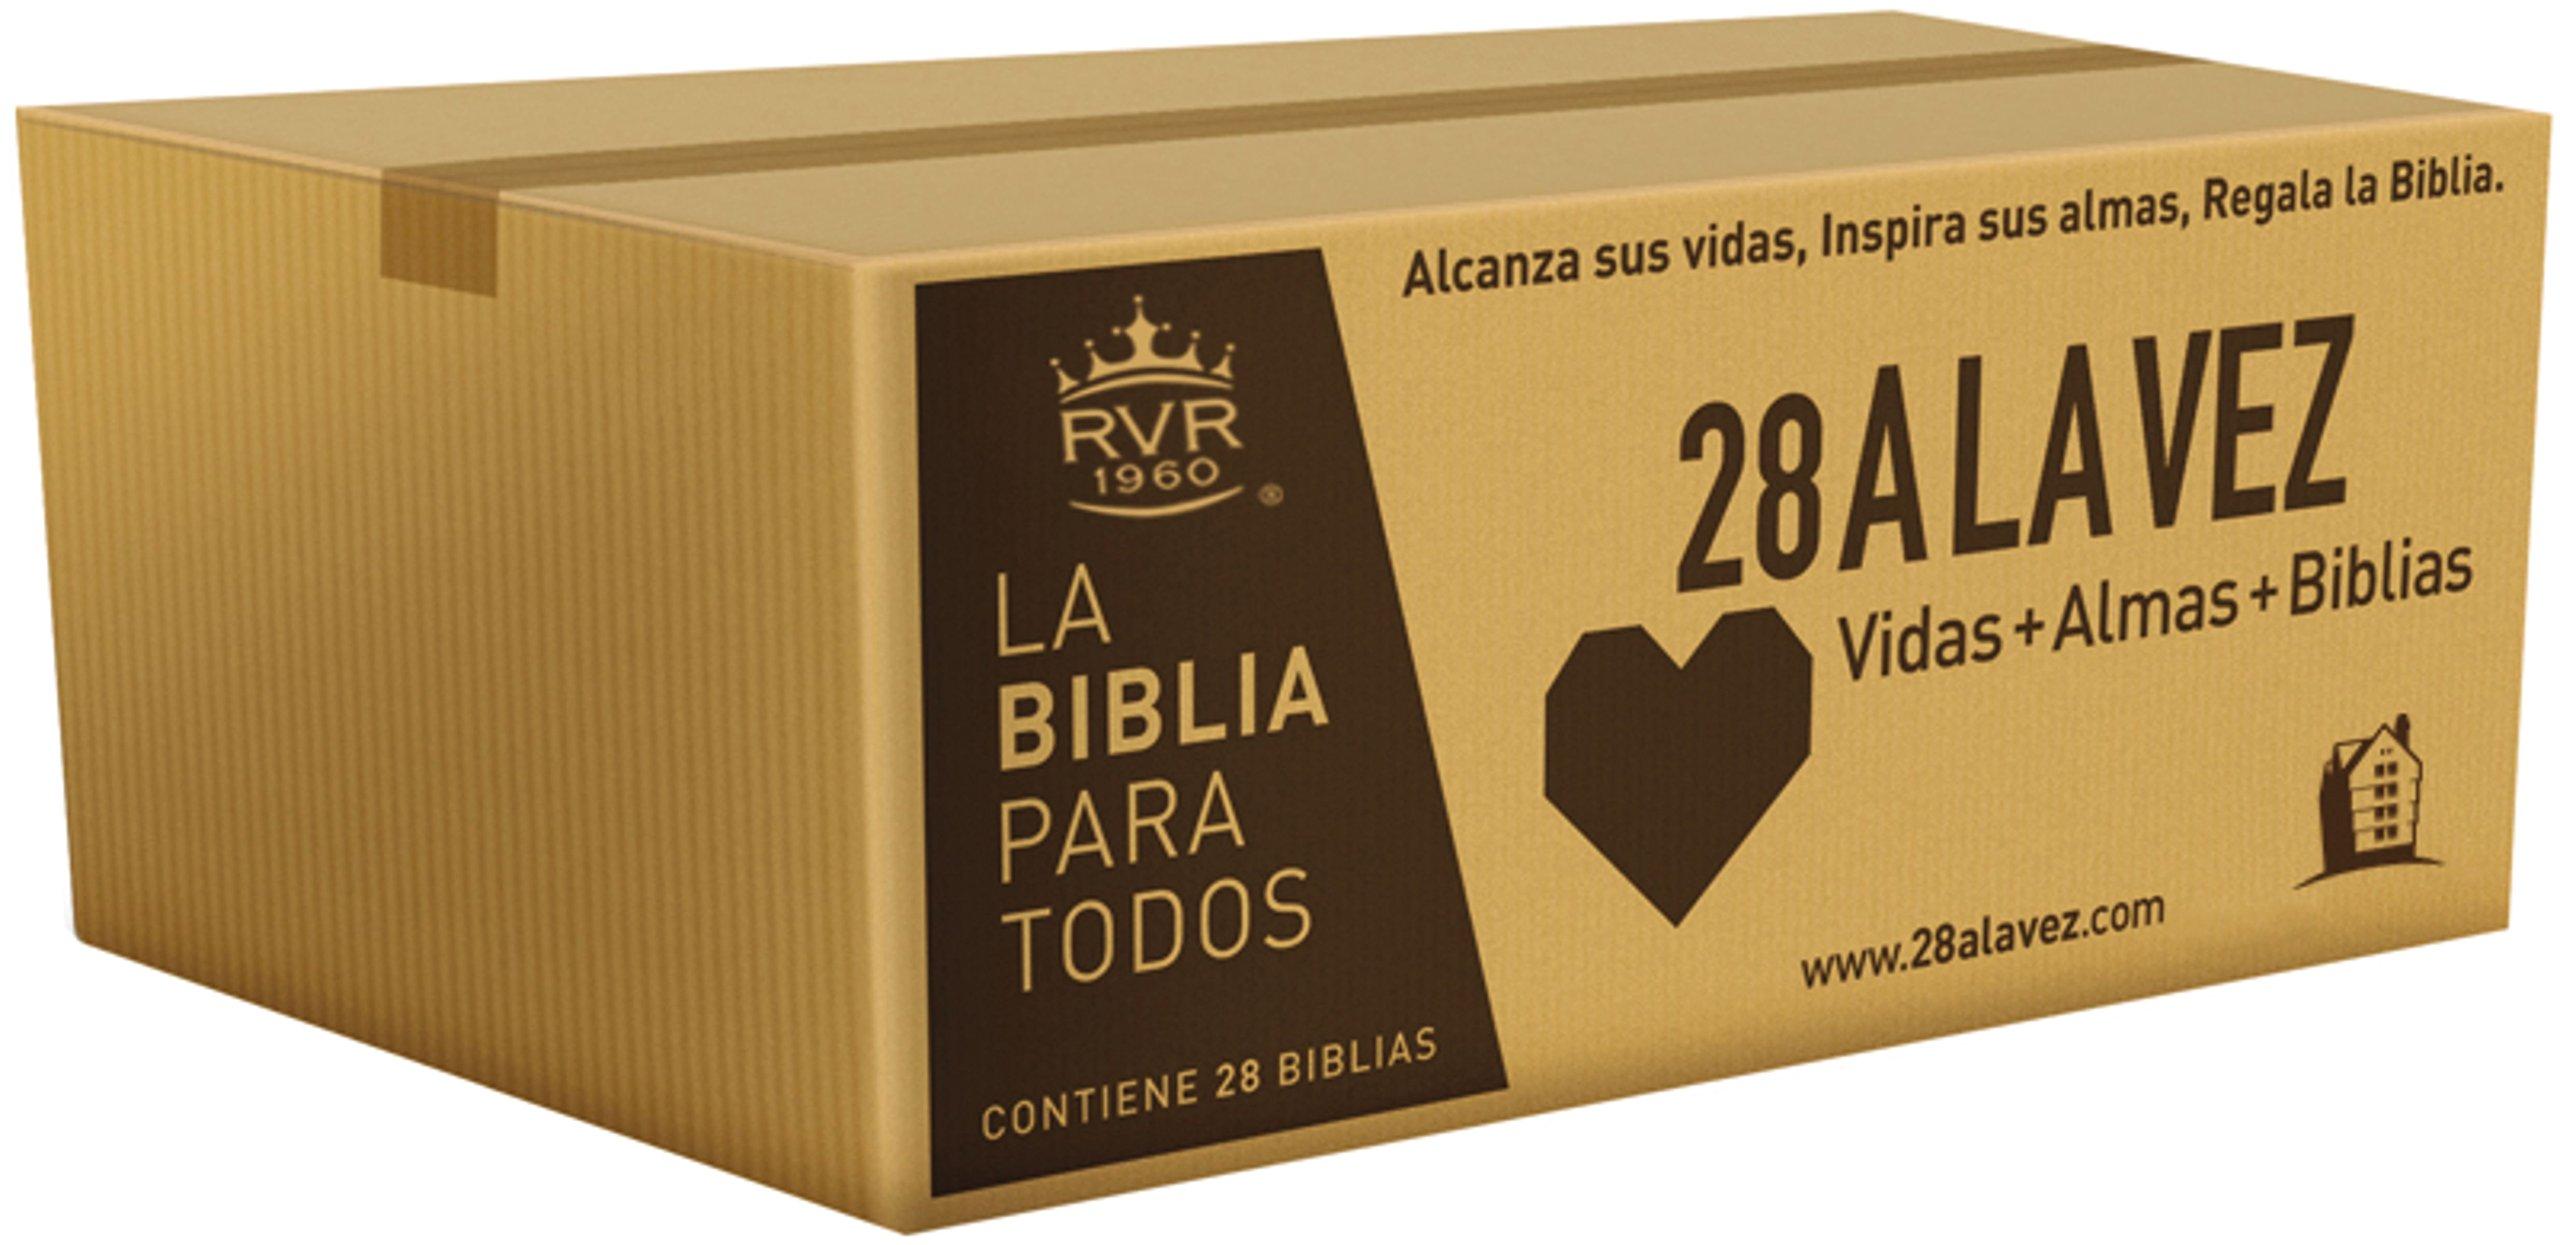 RVR60-Santa Biblia - Edición económica / Paquete de 28 (Spanish Edition) (Spanish) Paperback – April 25, 2017